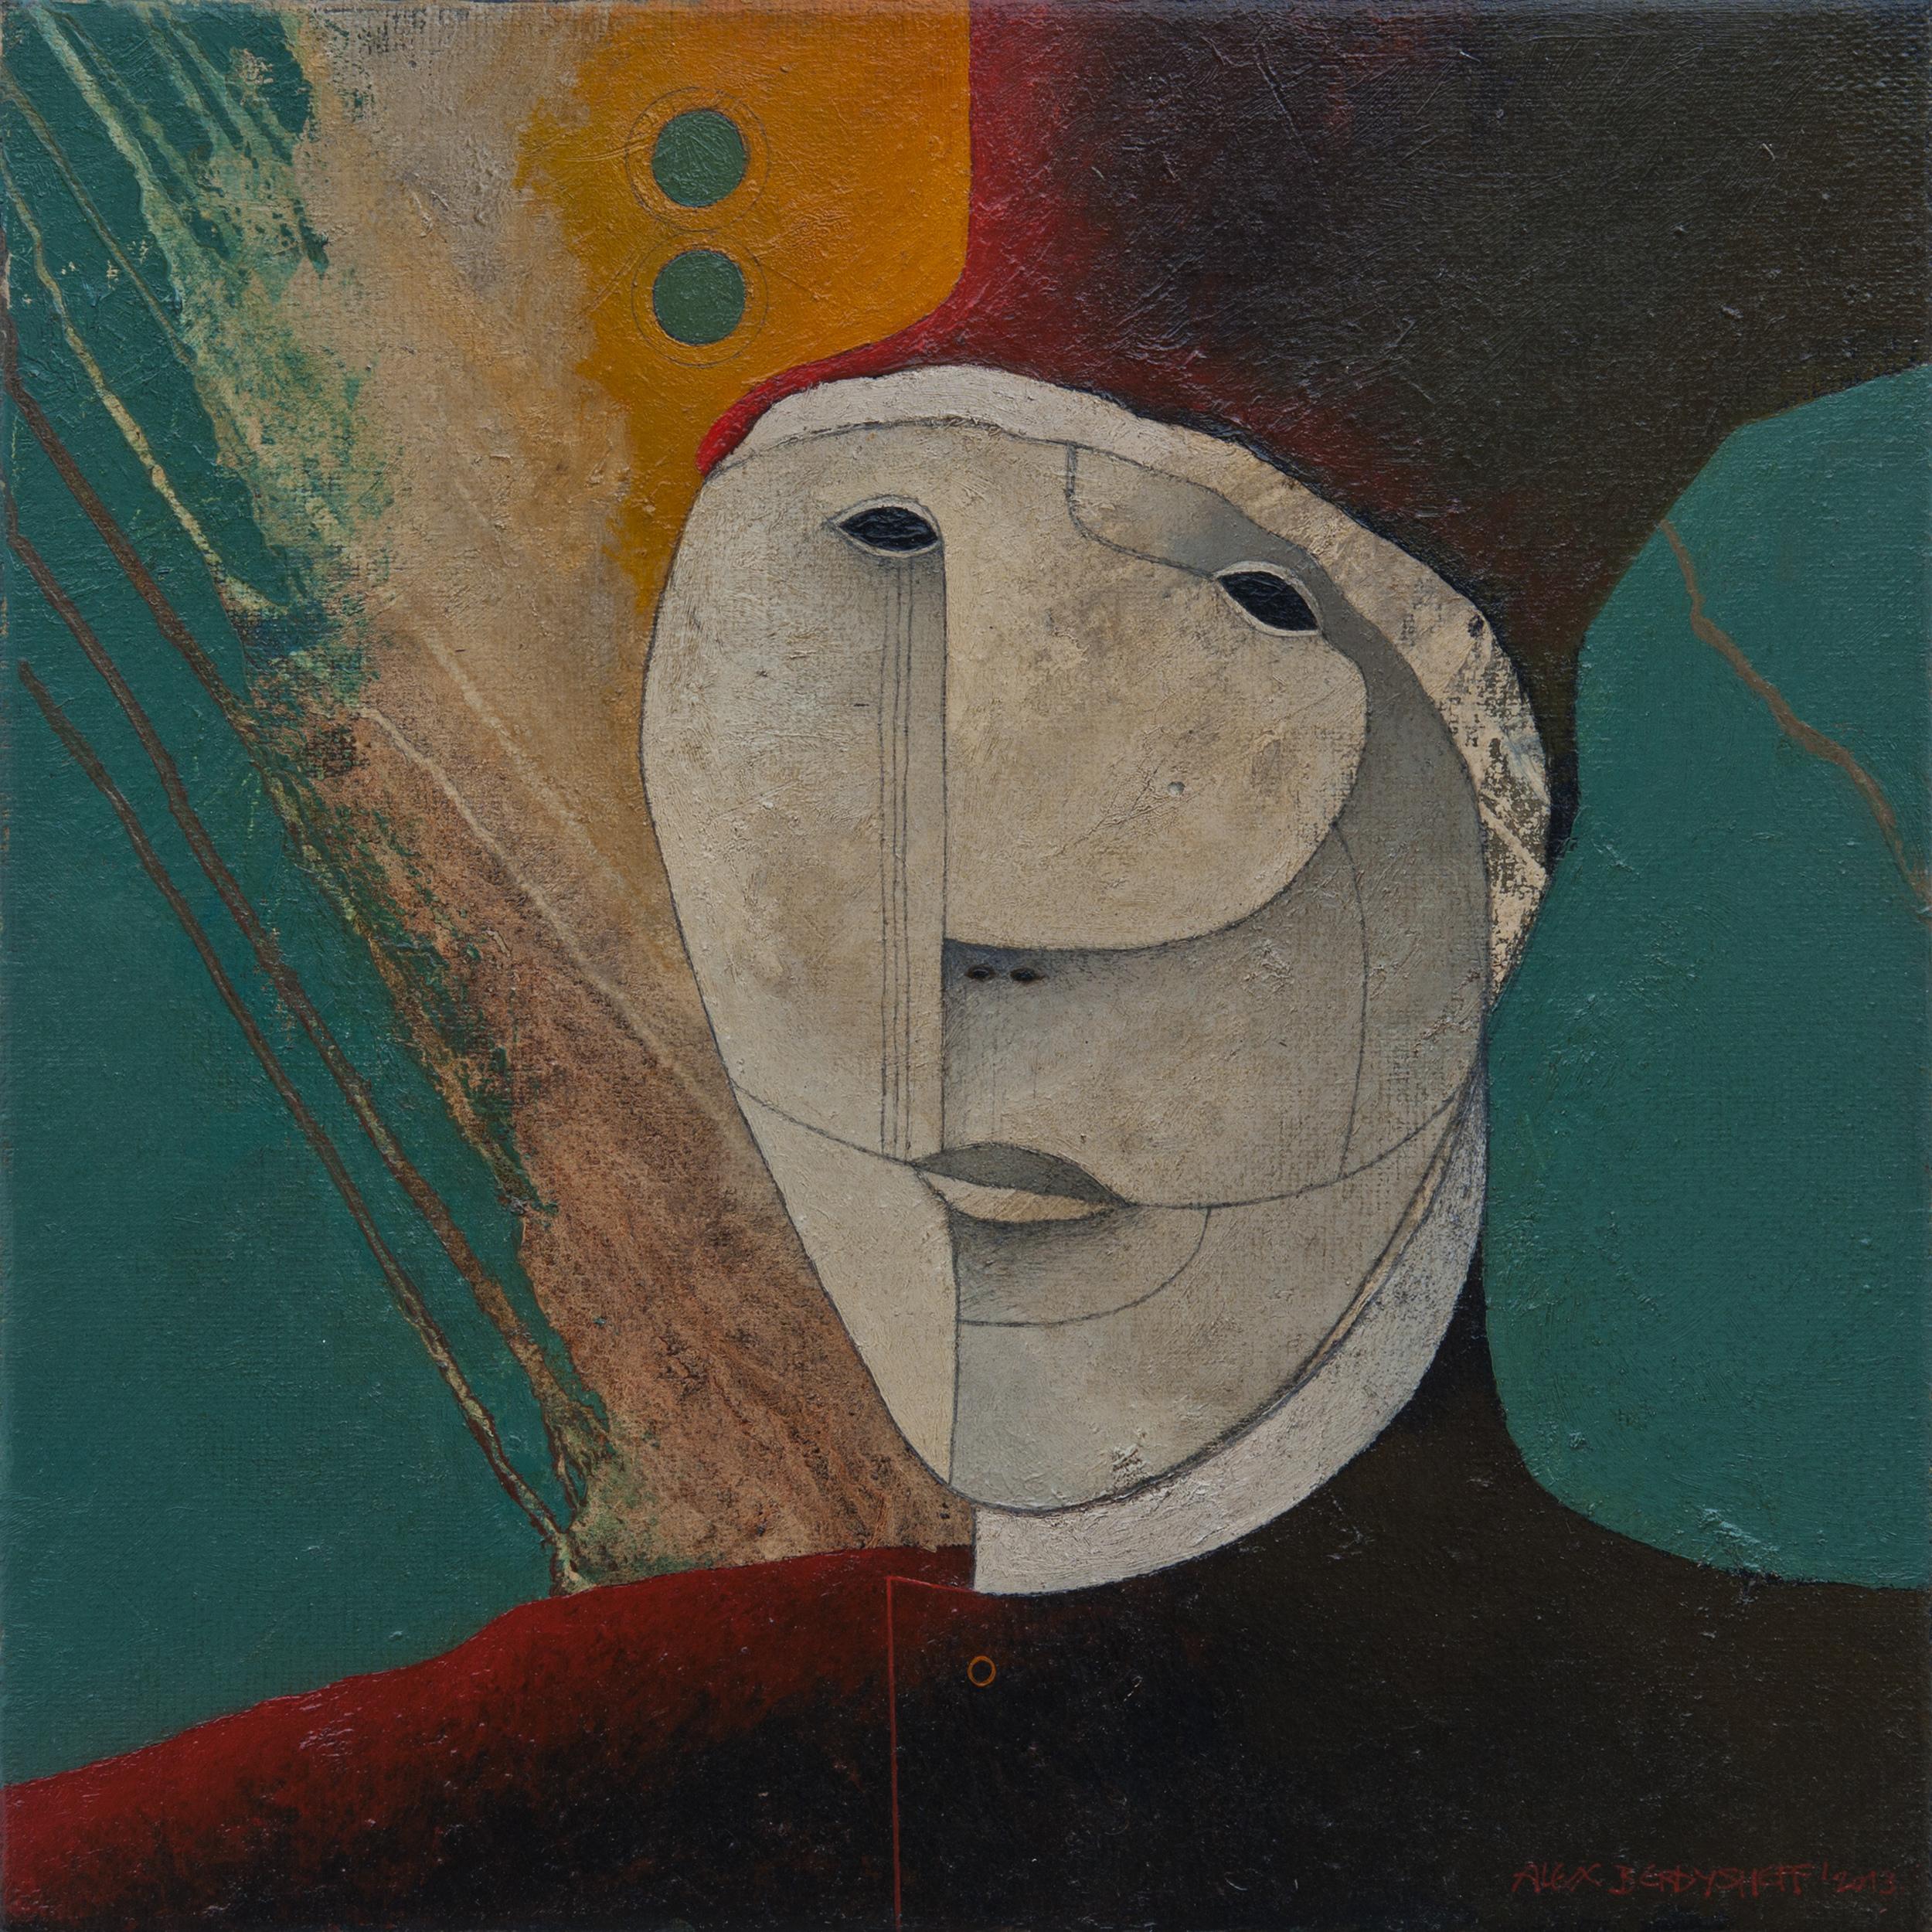 Renaissance Man, oil on canvas, 46x46 cm, 2013